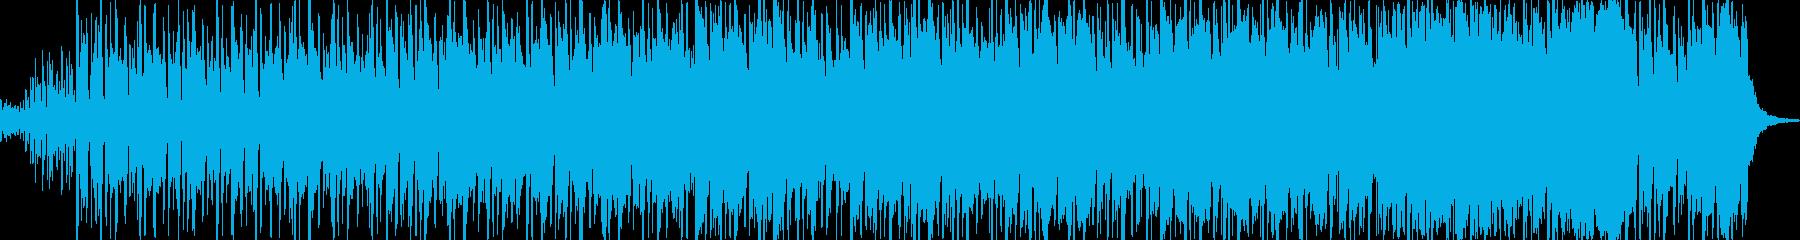 法人 技術的な 静か 楽しげ ハイ...の再生済みの波形